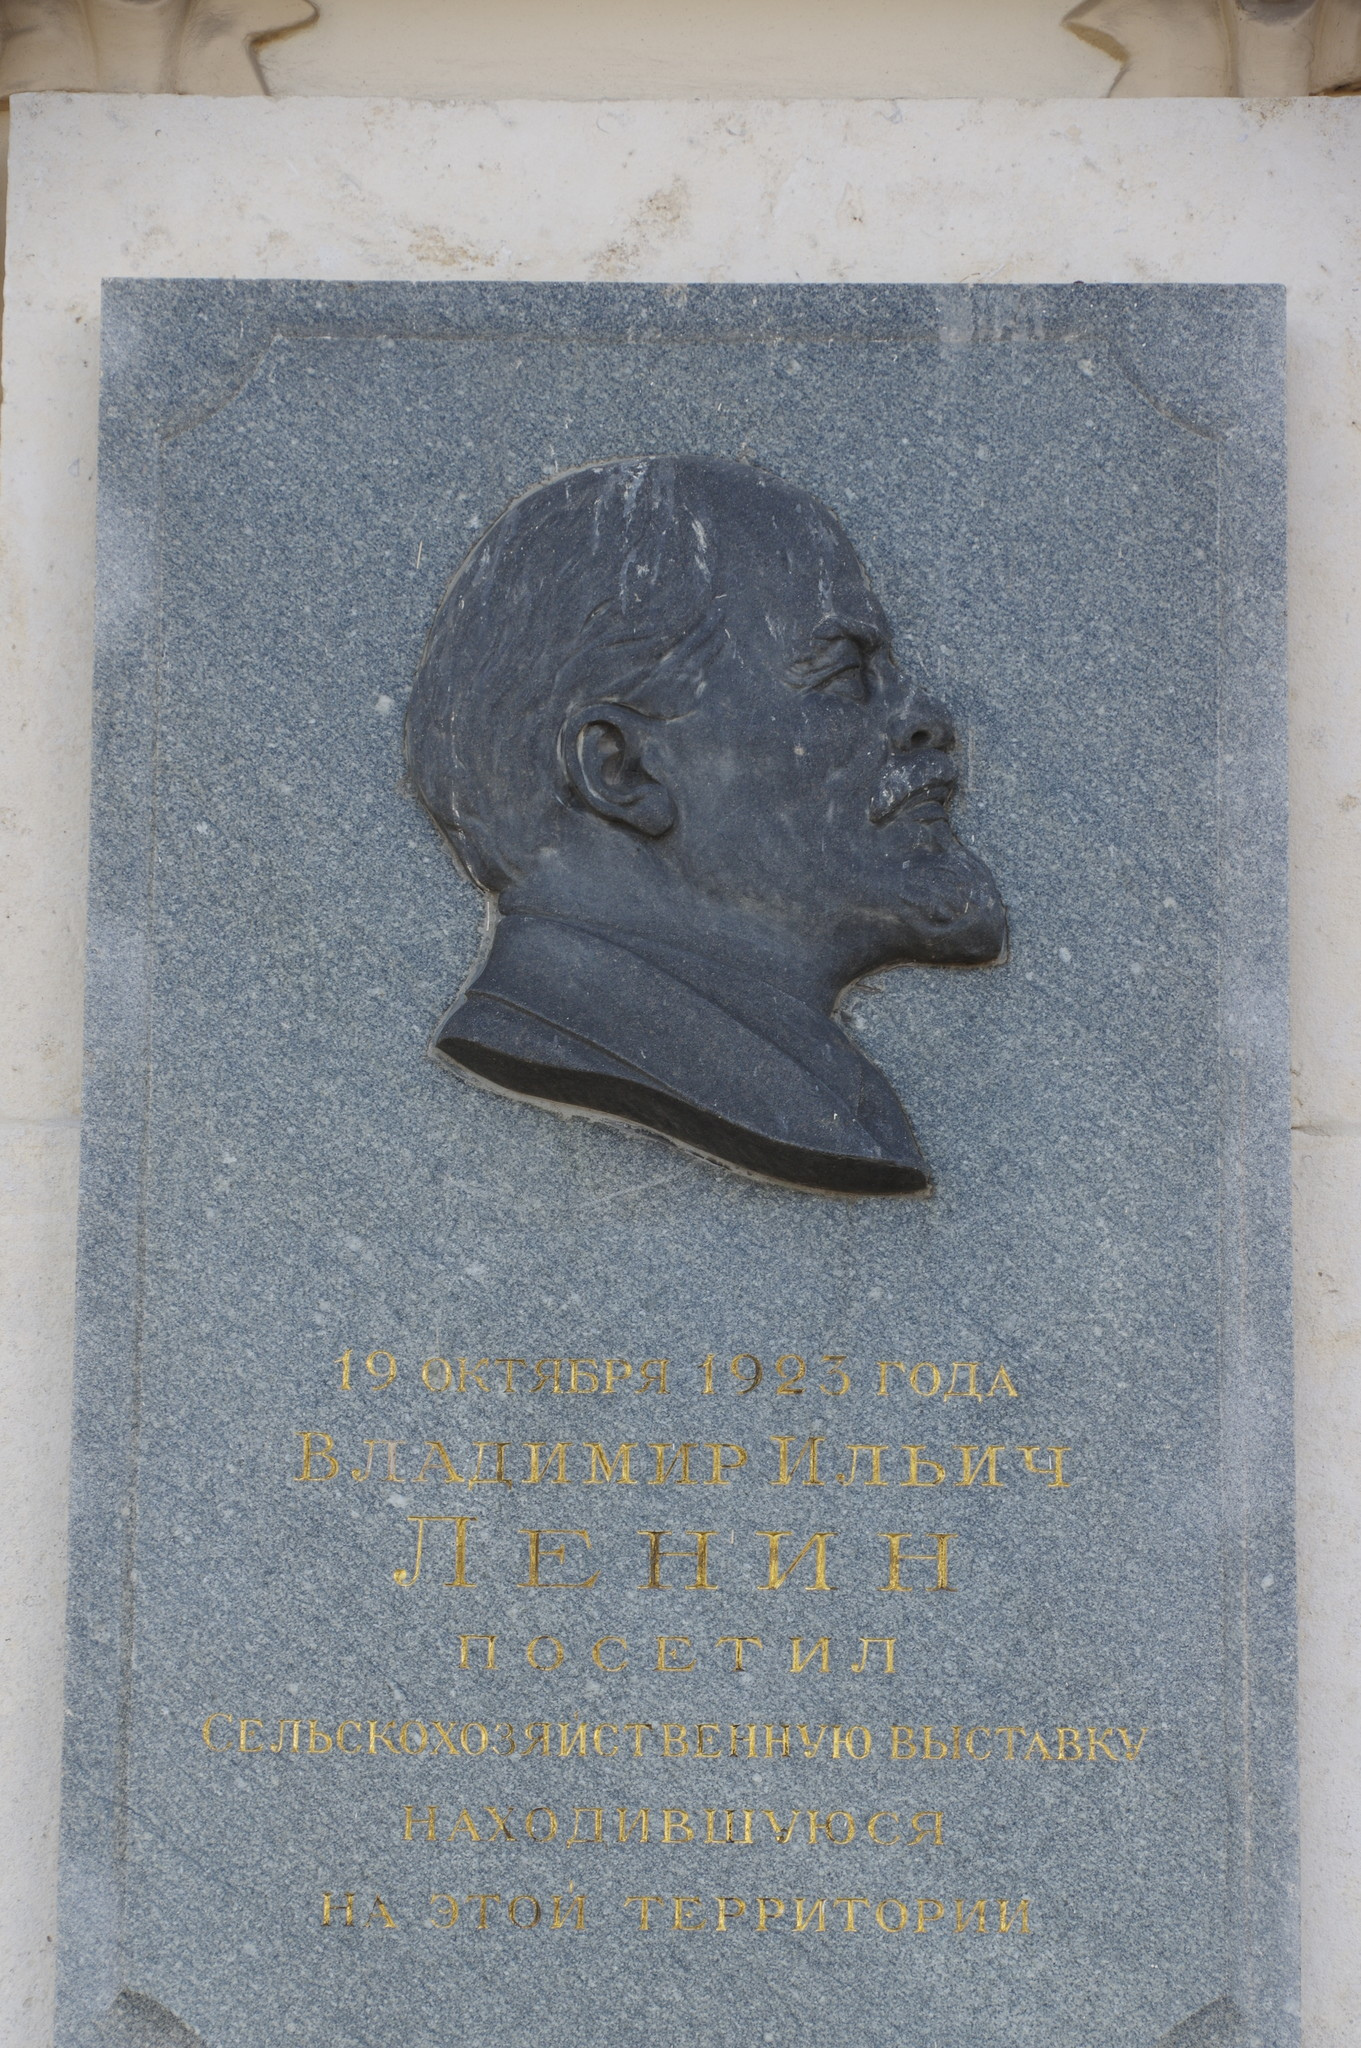 19 октября 1923 года В.И. Ленин посетил сельскохозяйственную выставку находившуюся на территории, где сейчас расположен Центральный парк культуры и отдыха имени Горького